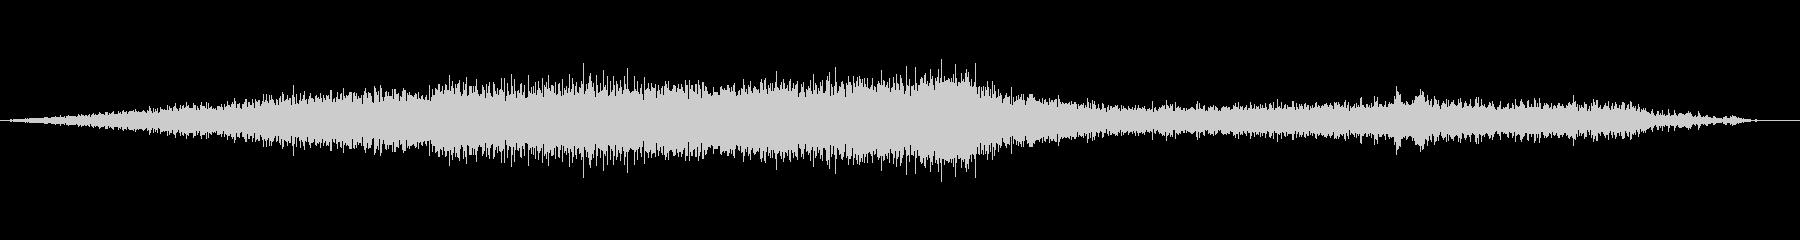 ケース680:プルアップ、シャット...の未再生の波形